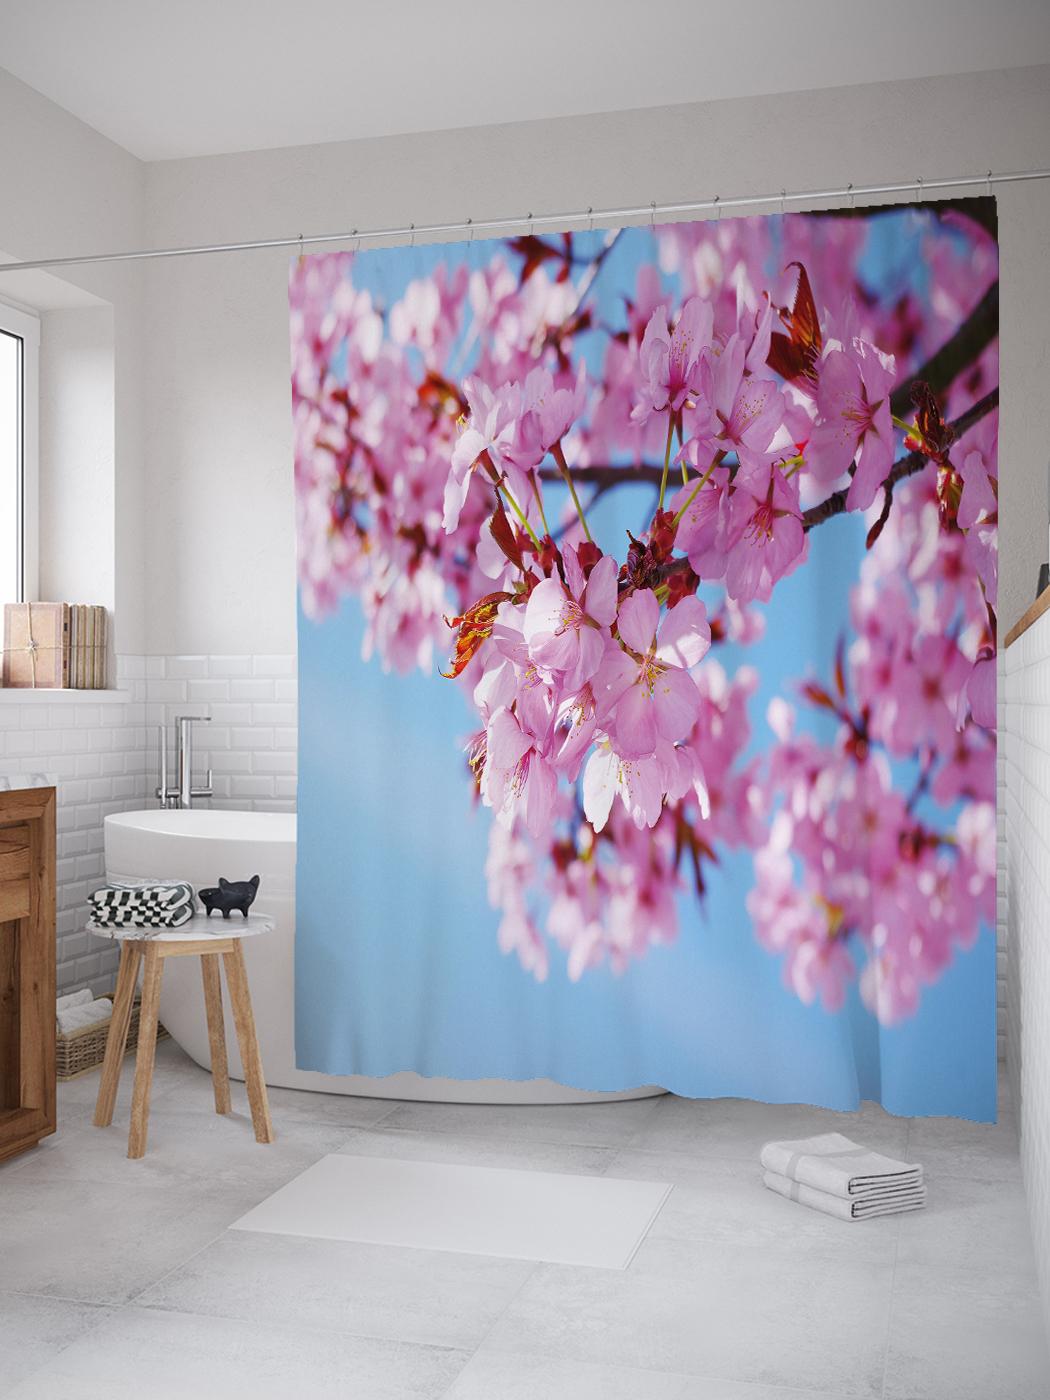 Штора (занавеска) для ванной «Розовая сакура» из ткани, 180х200 см с крючками